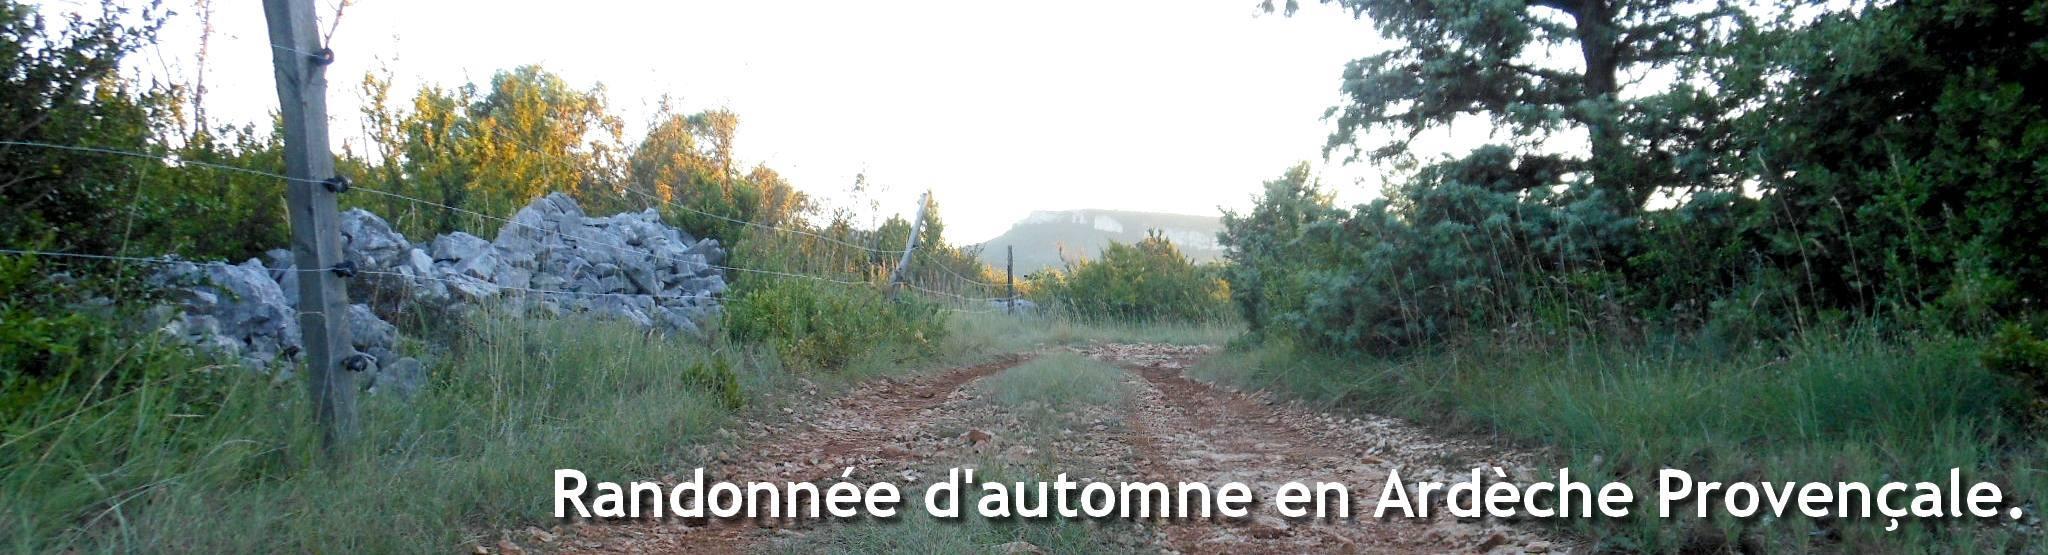 Randonnée pédestre en Ardèche tout au long de l'année